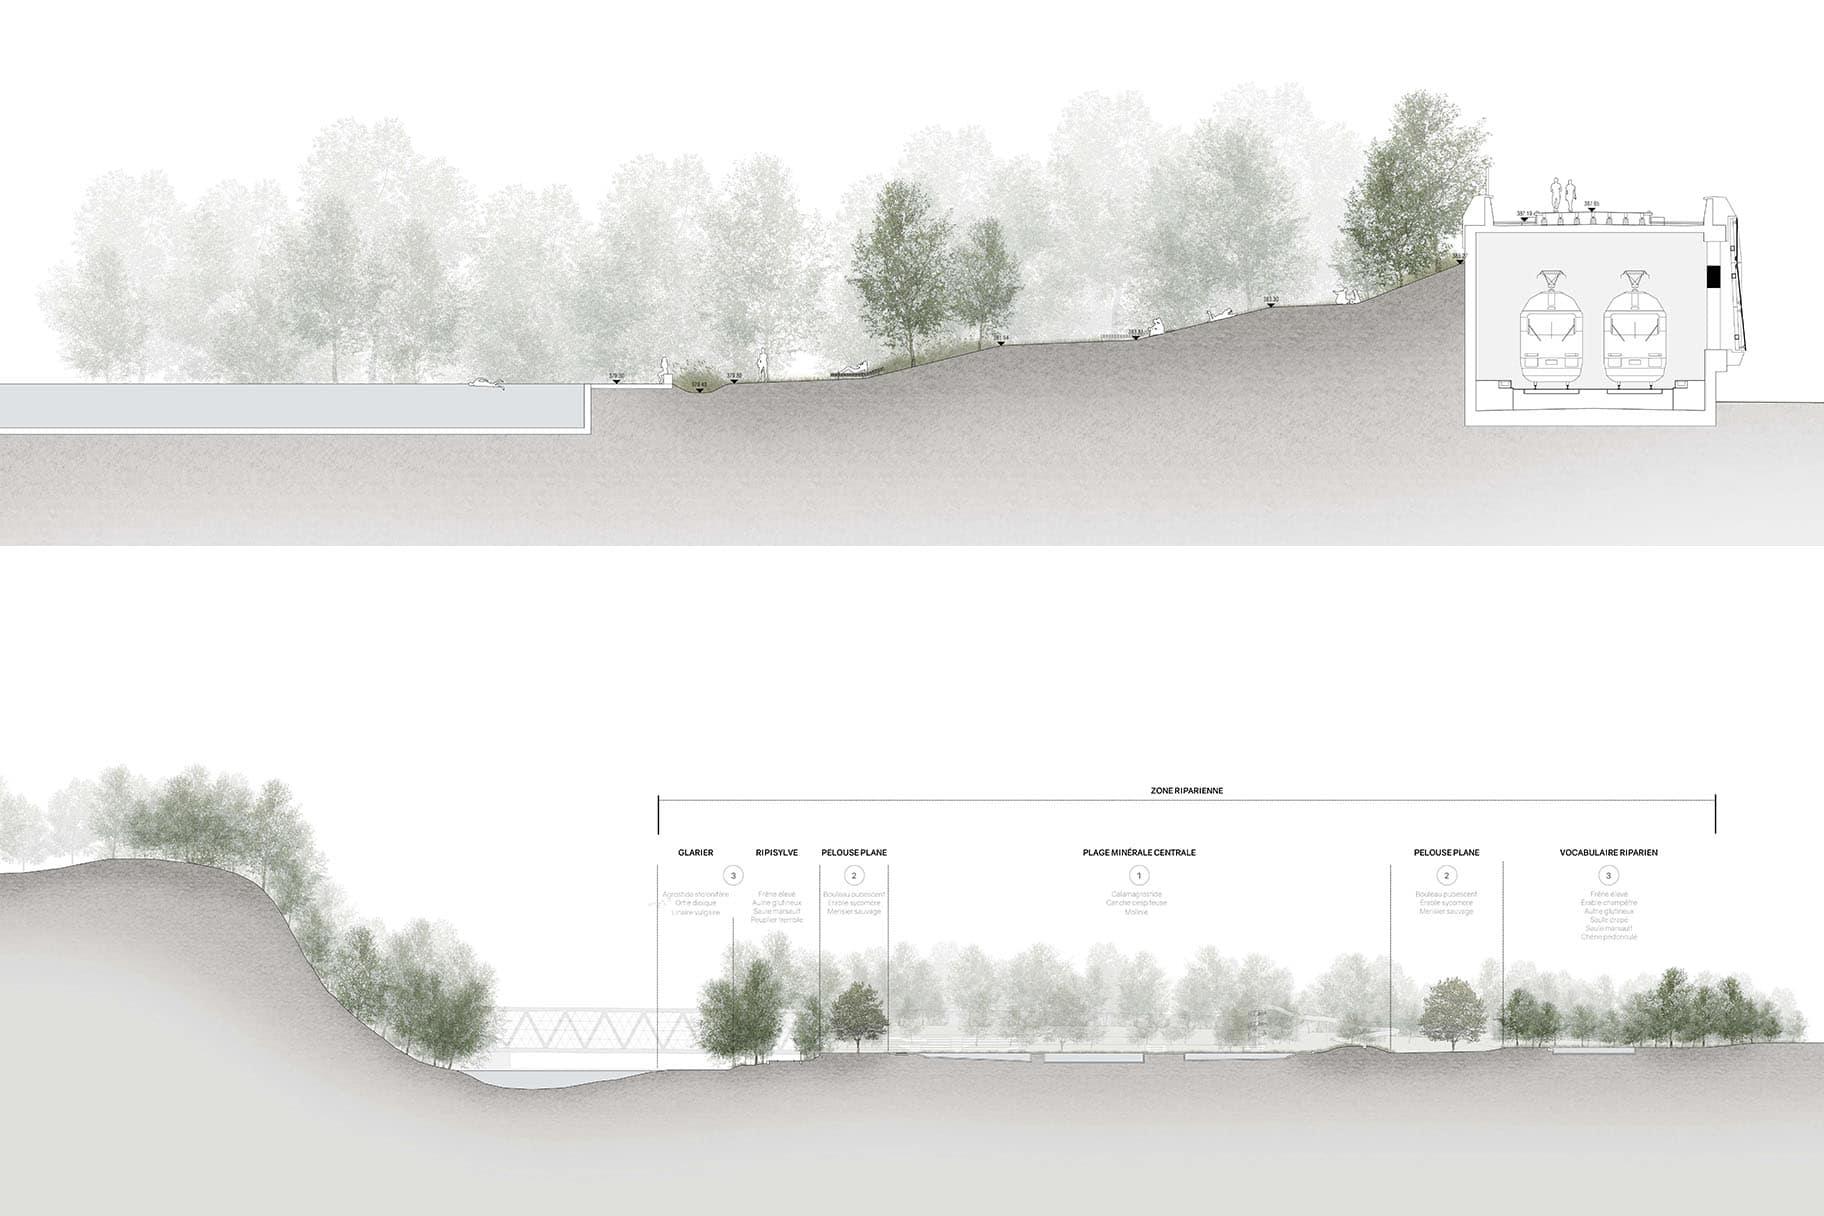 coupes-concours-piscine-fontenette-carouge-projet-vimade-architectes-paysagistes-collinfontaine-paysage-parc-ceva-espaces